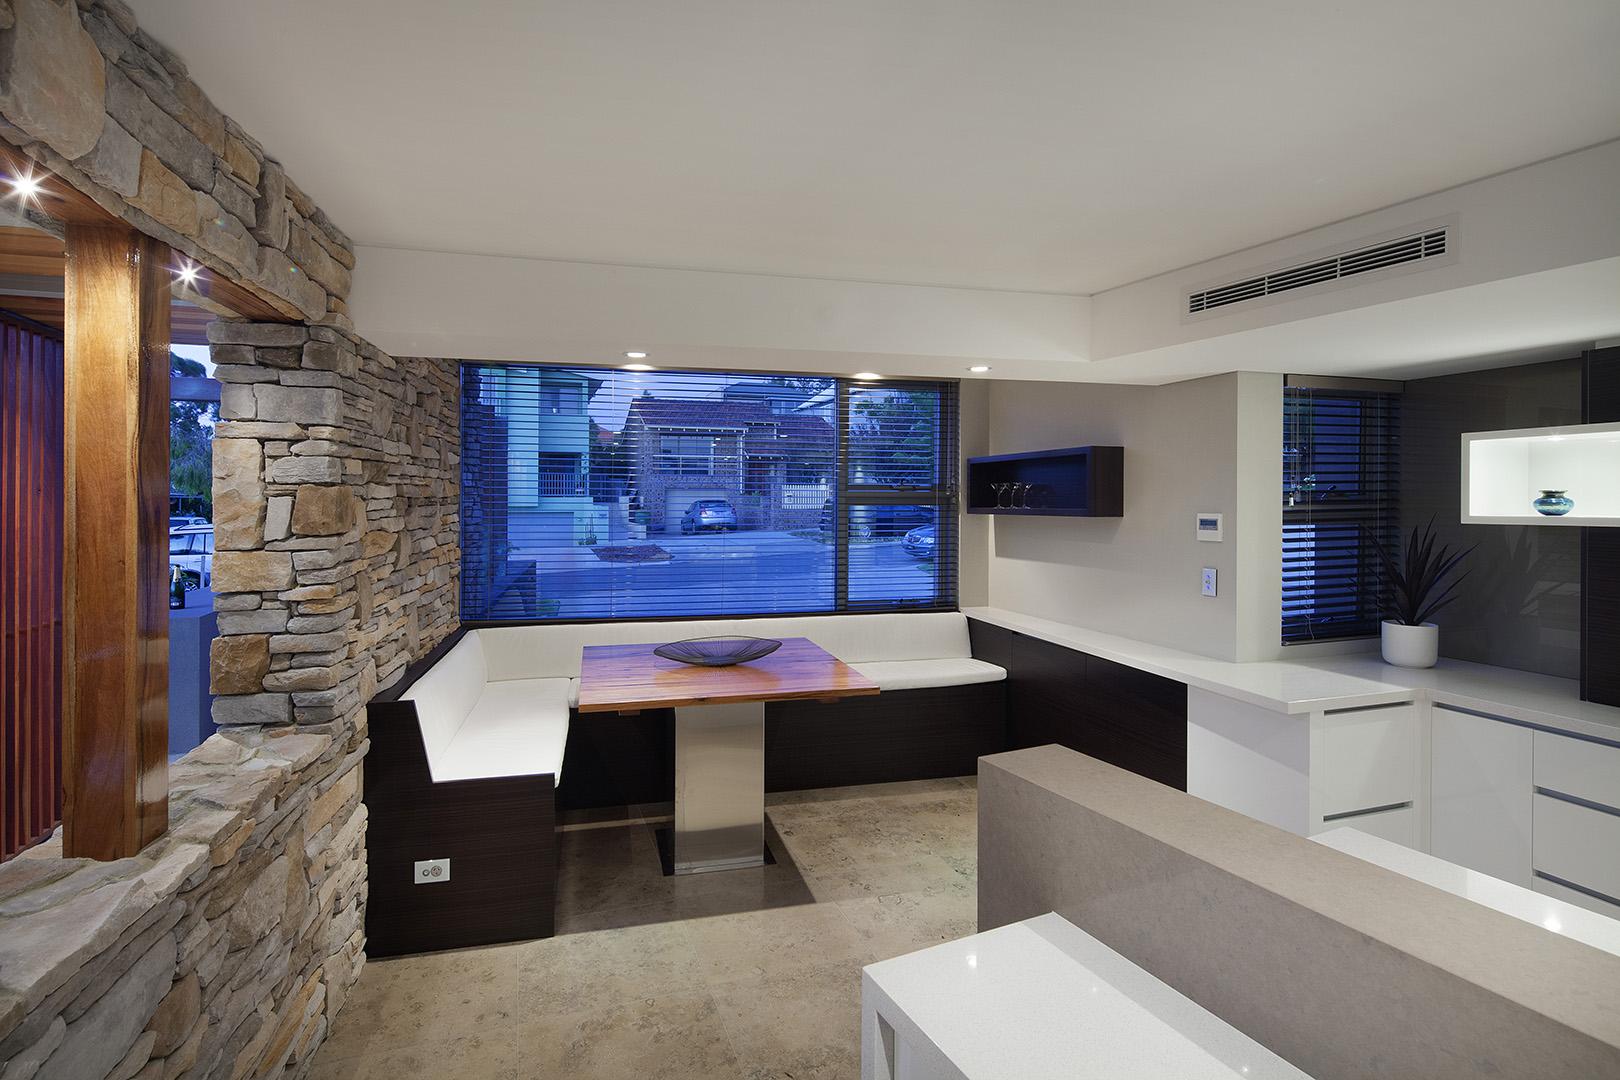 081 SWANBOURNE DUPLEX 2012 (16).jpg